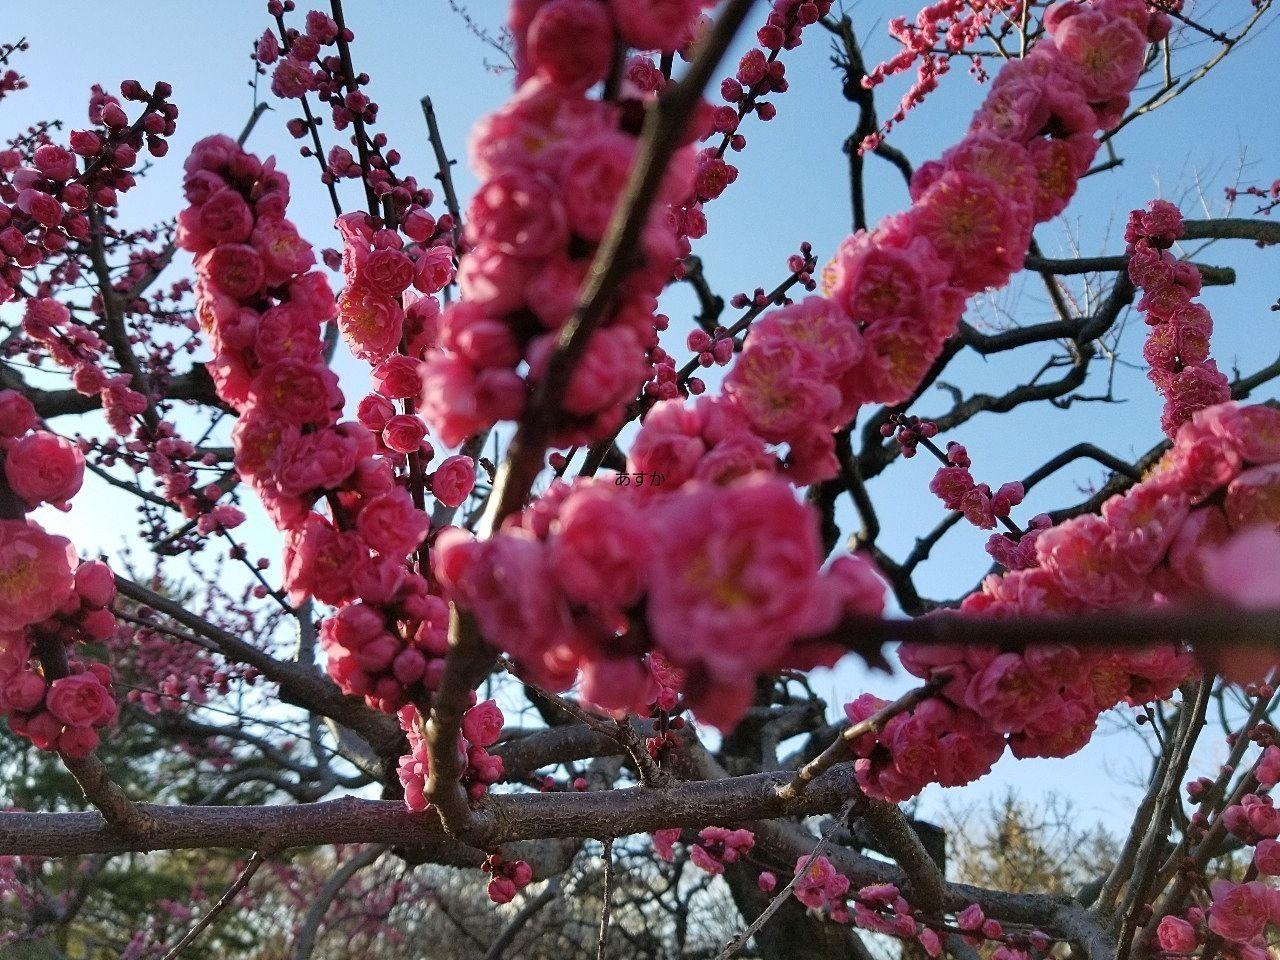 お雛様の脇にありそうな紅色の梅の花